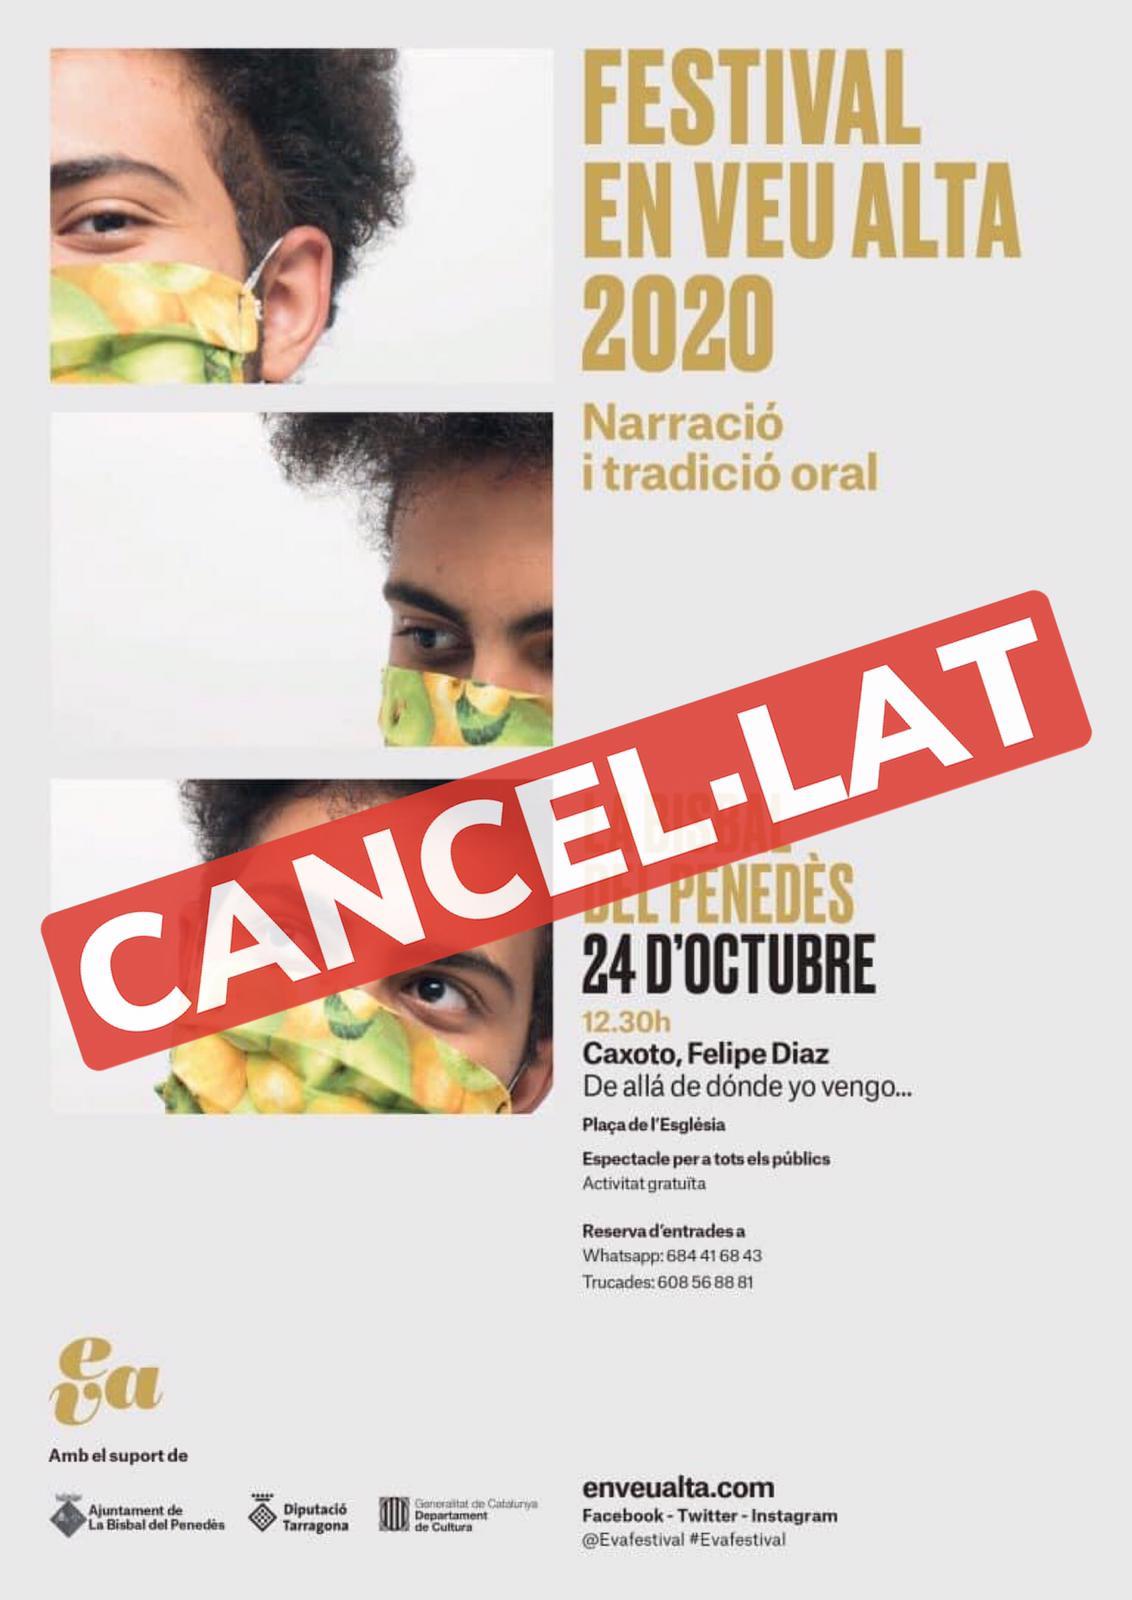 Per motius aliens a l'organització se suspèn el contacontes per a adults previst per al dissabte 24 d'octubre en el marc del Festival EVA